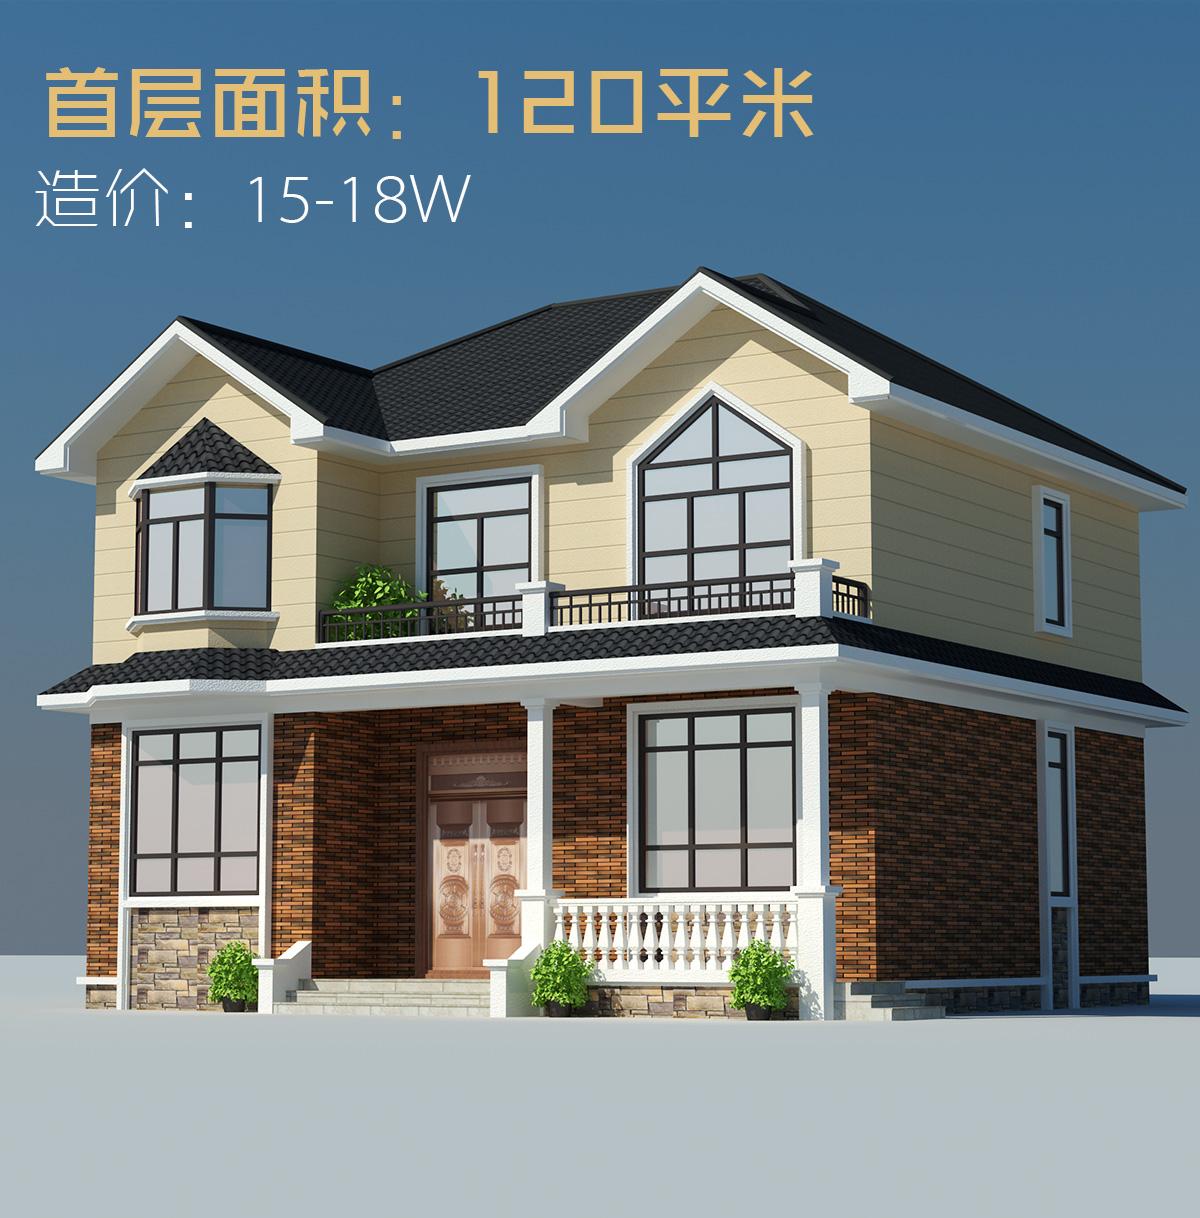 小别墅设计图纸 农村两层自建房设计图 美式风格别墅效果图施工图